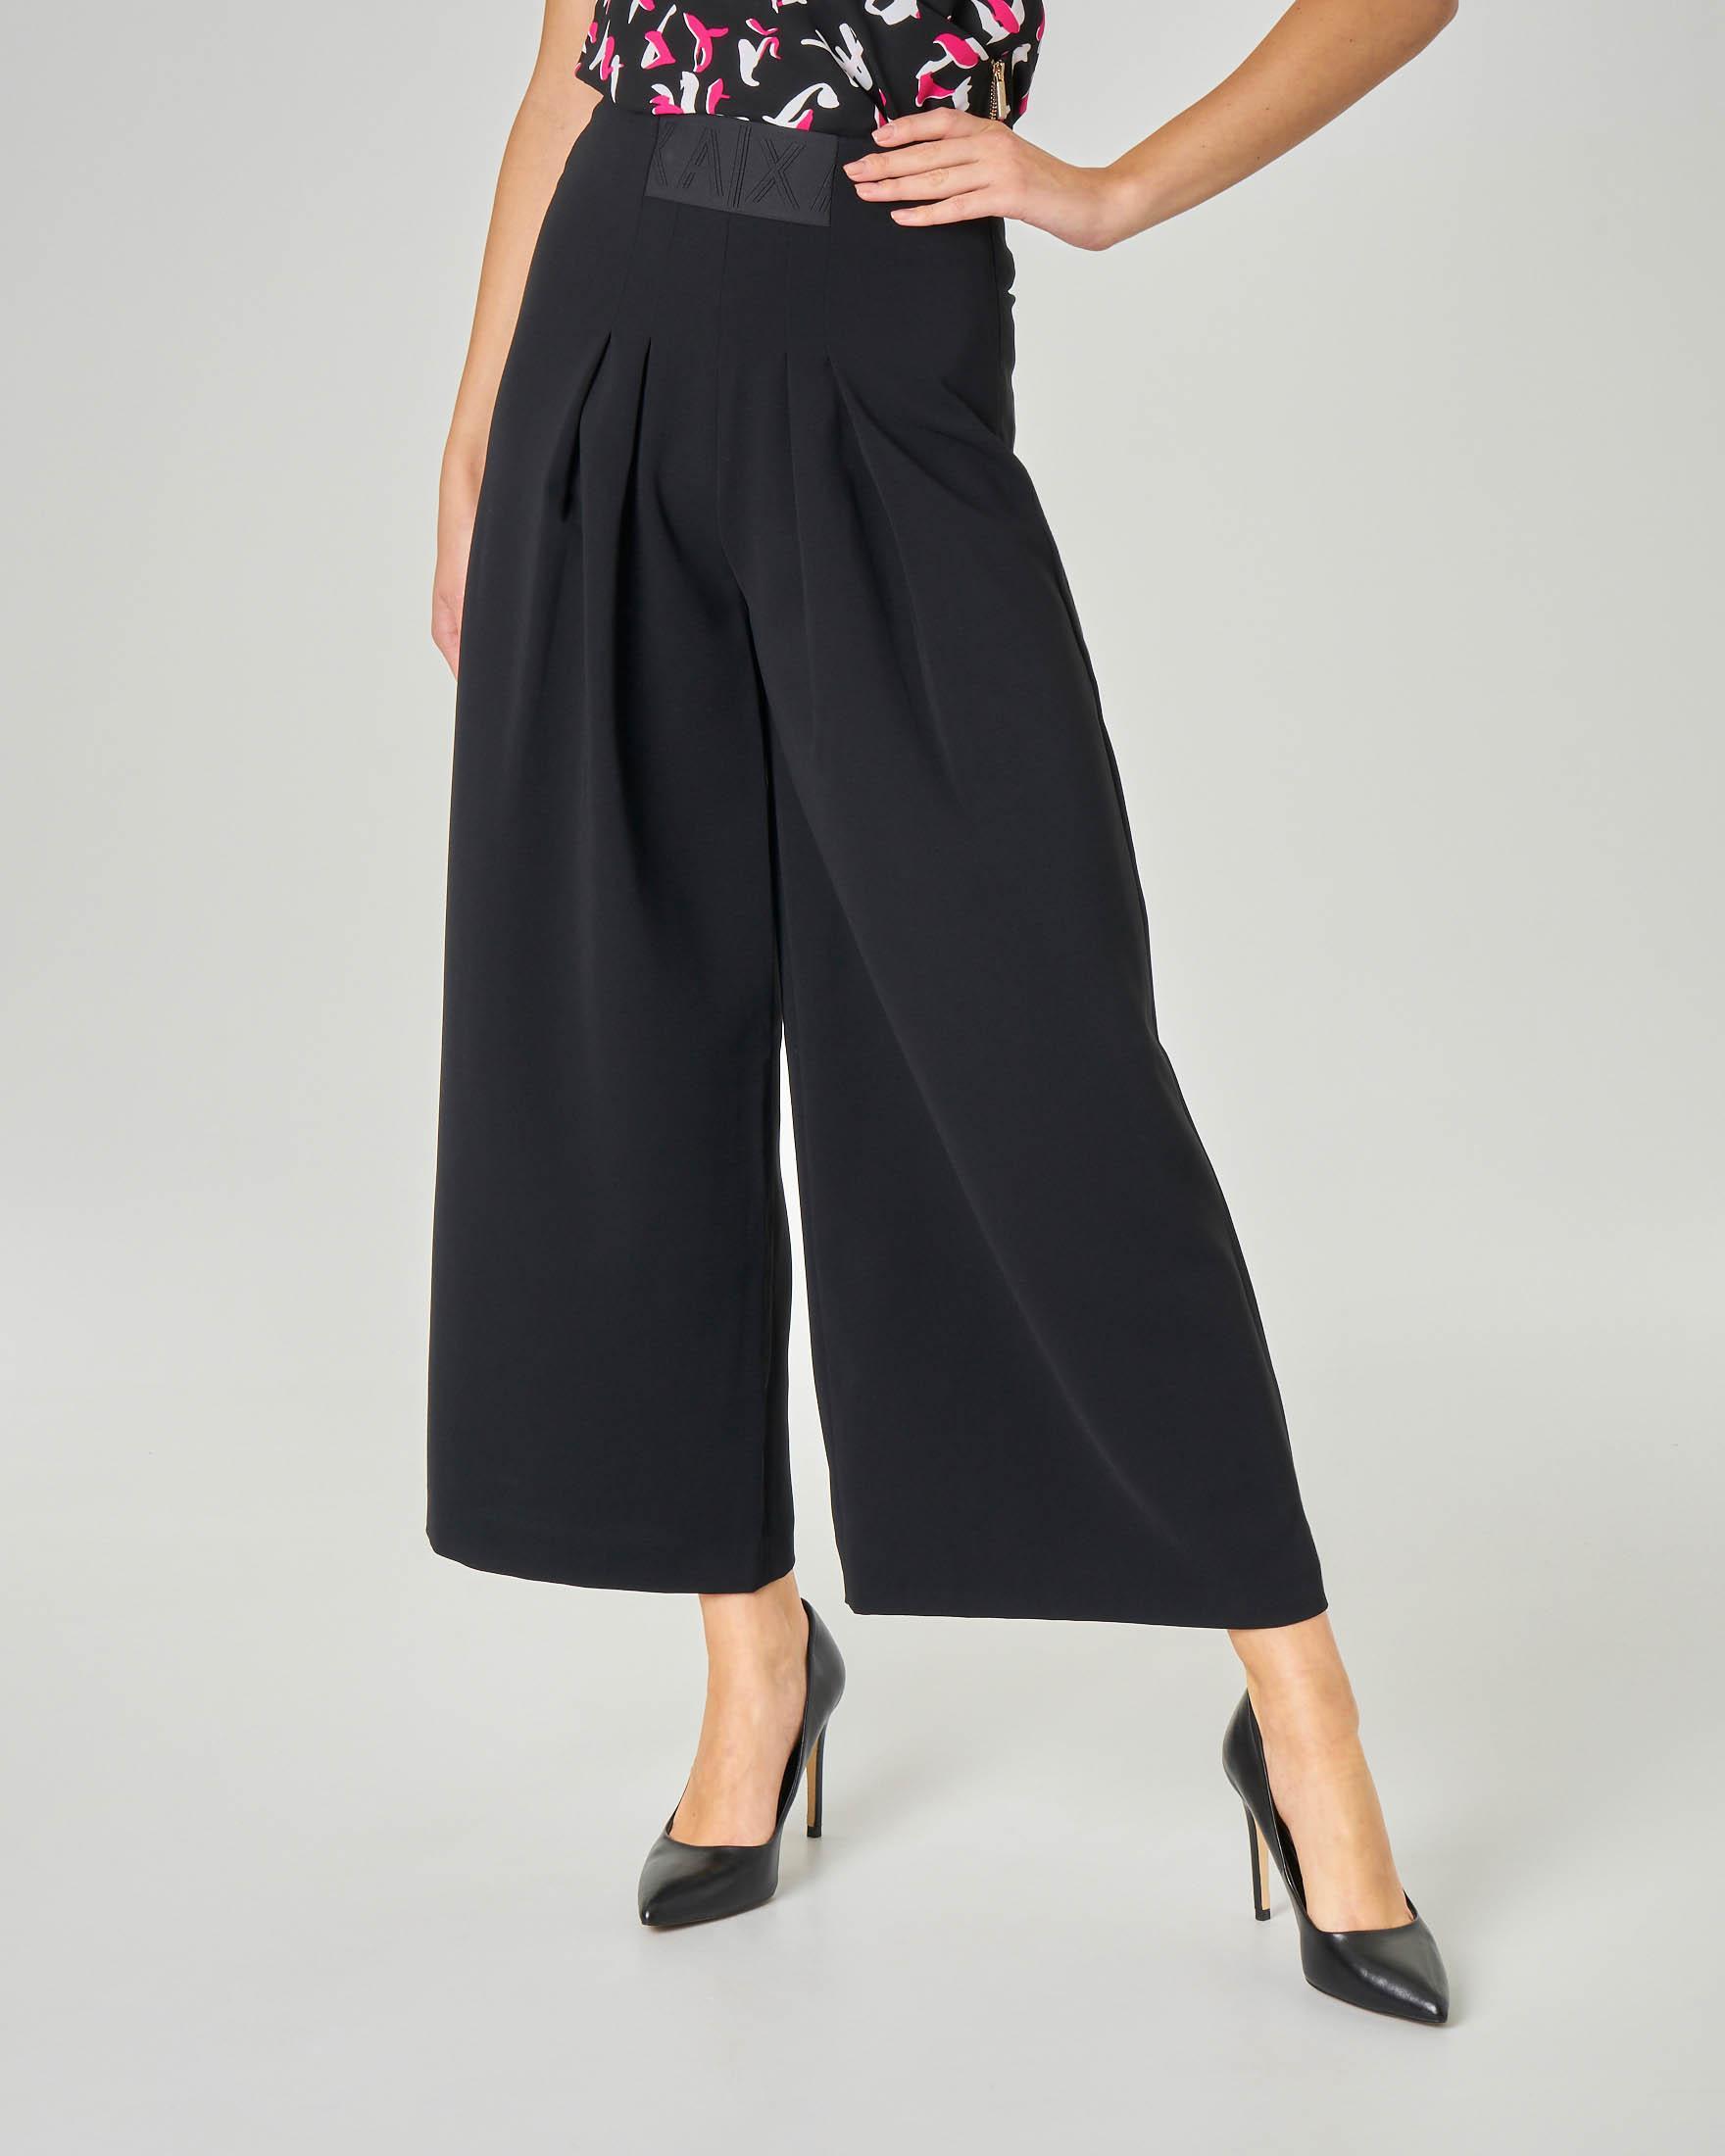 Pantaloni culotte con doppia pince in vita ed elastico con scritta logo